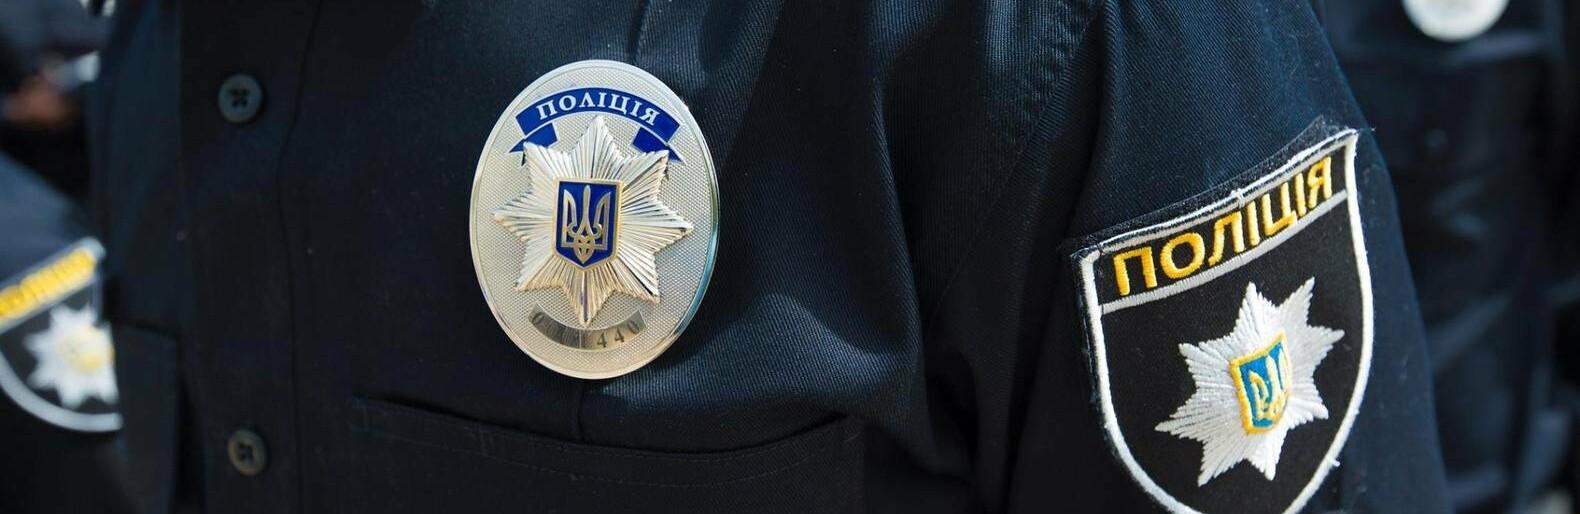 В Одессе задержали автомобиль с пьяным водителем, оружием и наркоти...0